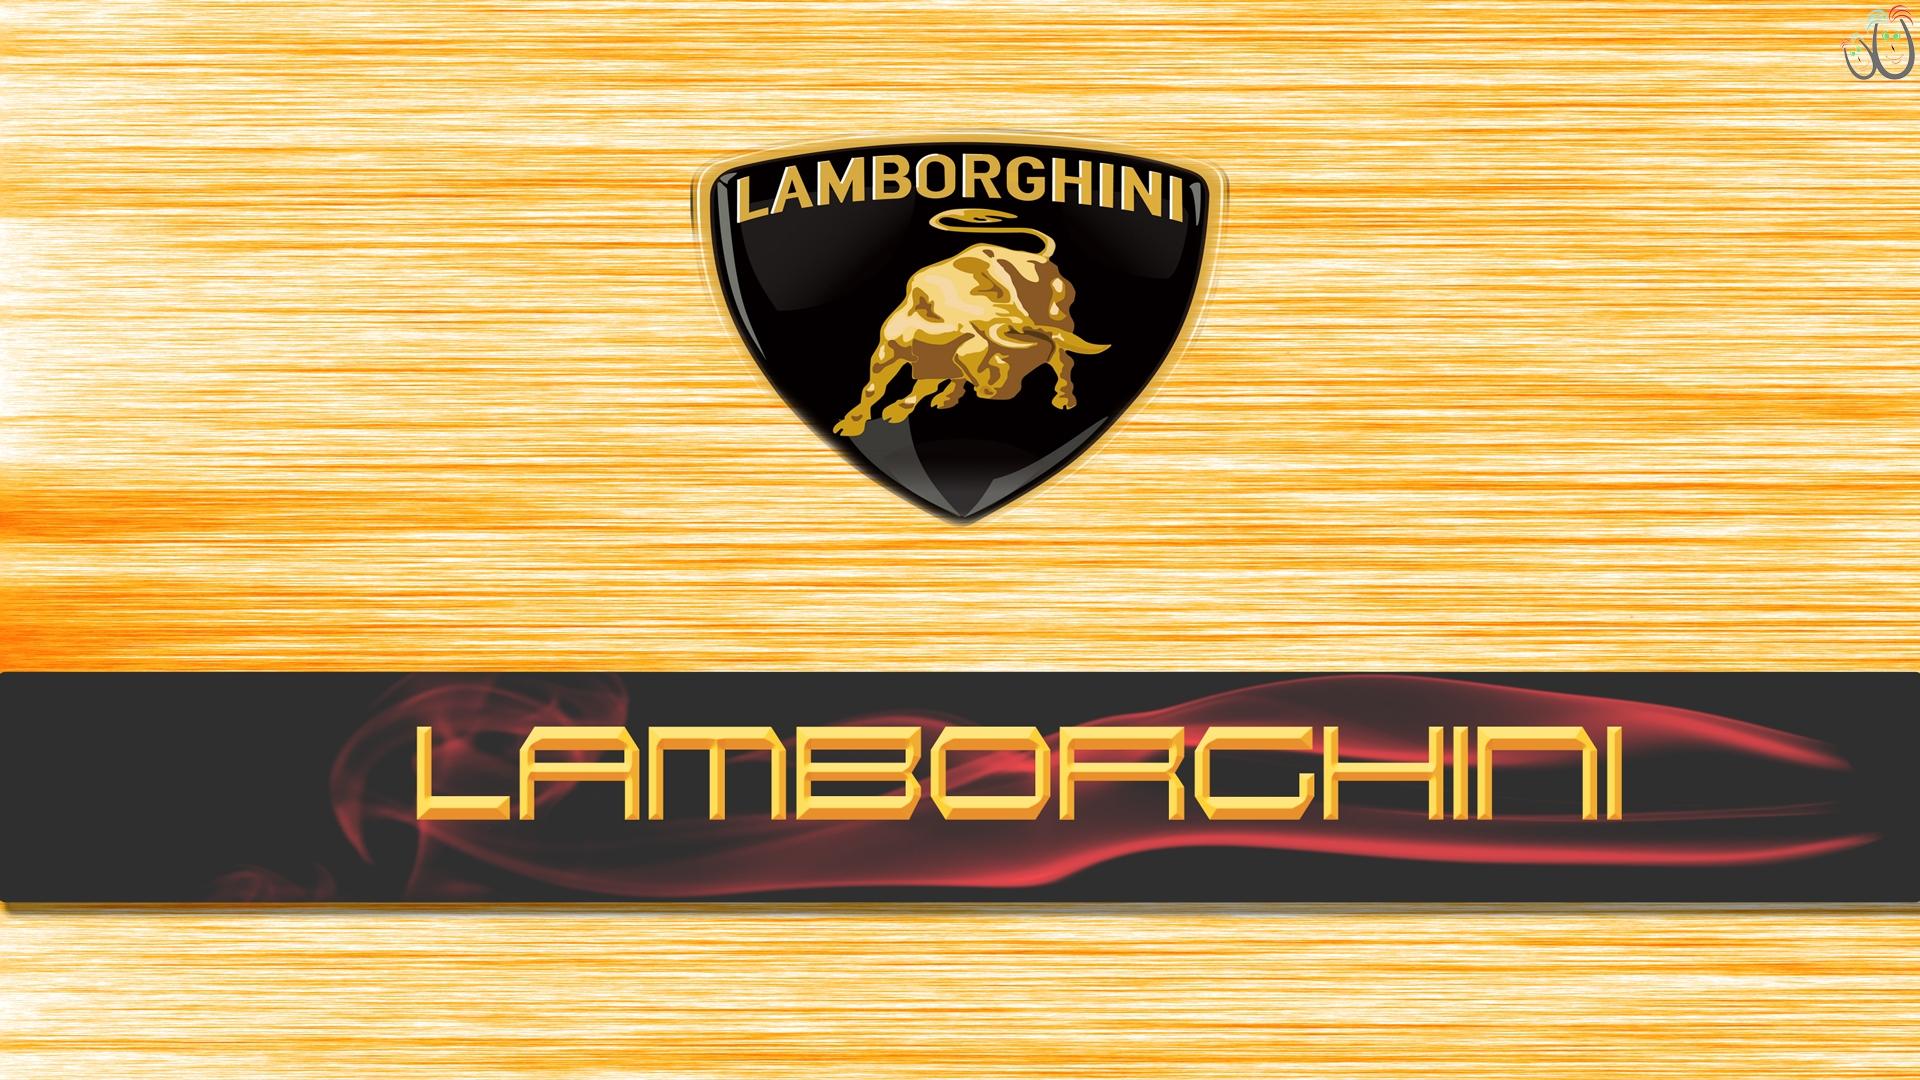 Download Gambar Wallpaper Lamborghini Gudang Wallpaper